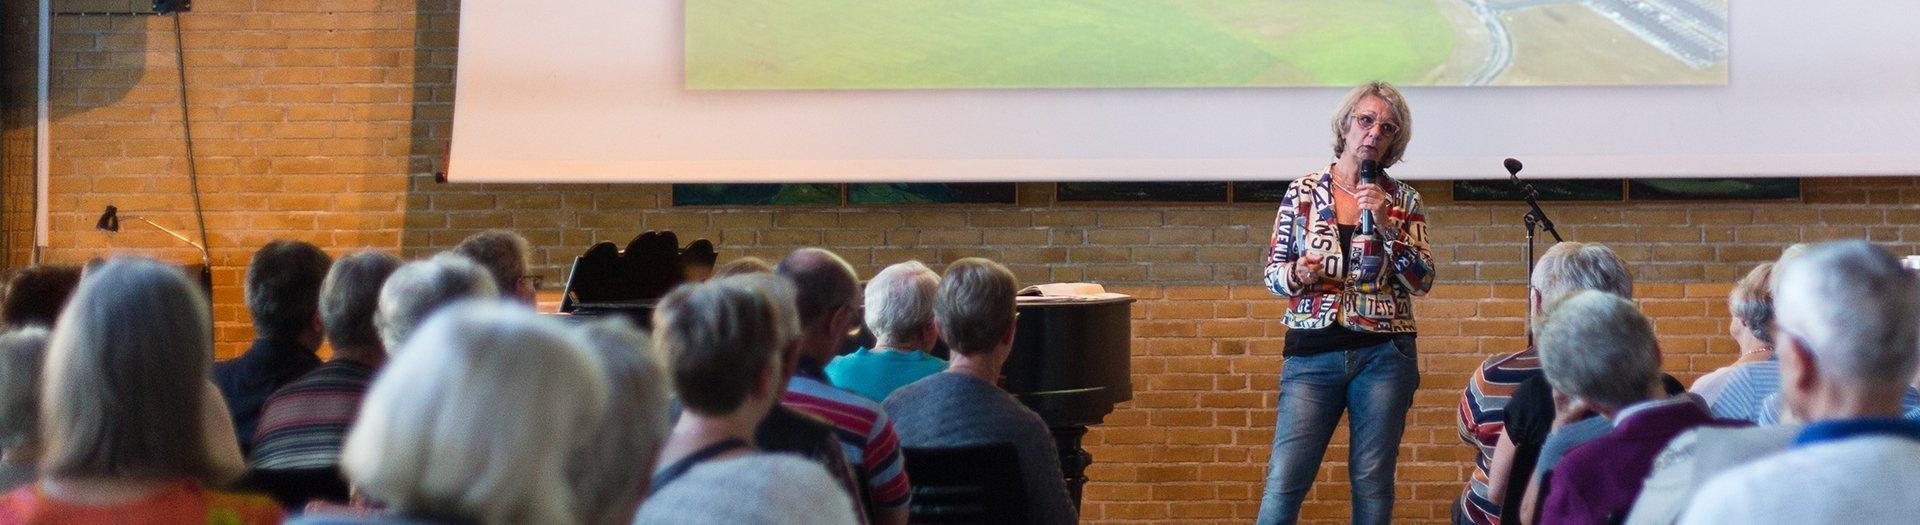 foredrag stolerækker foredragssalen Nørgaards Højskole faciliteter web